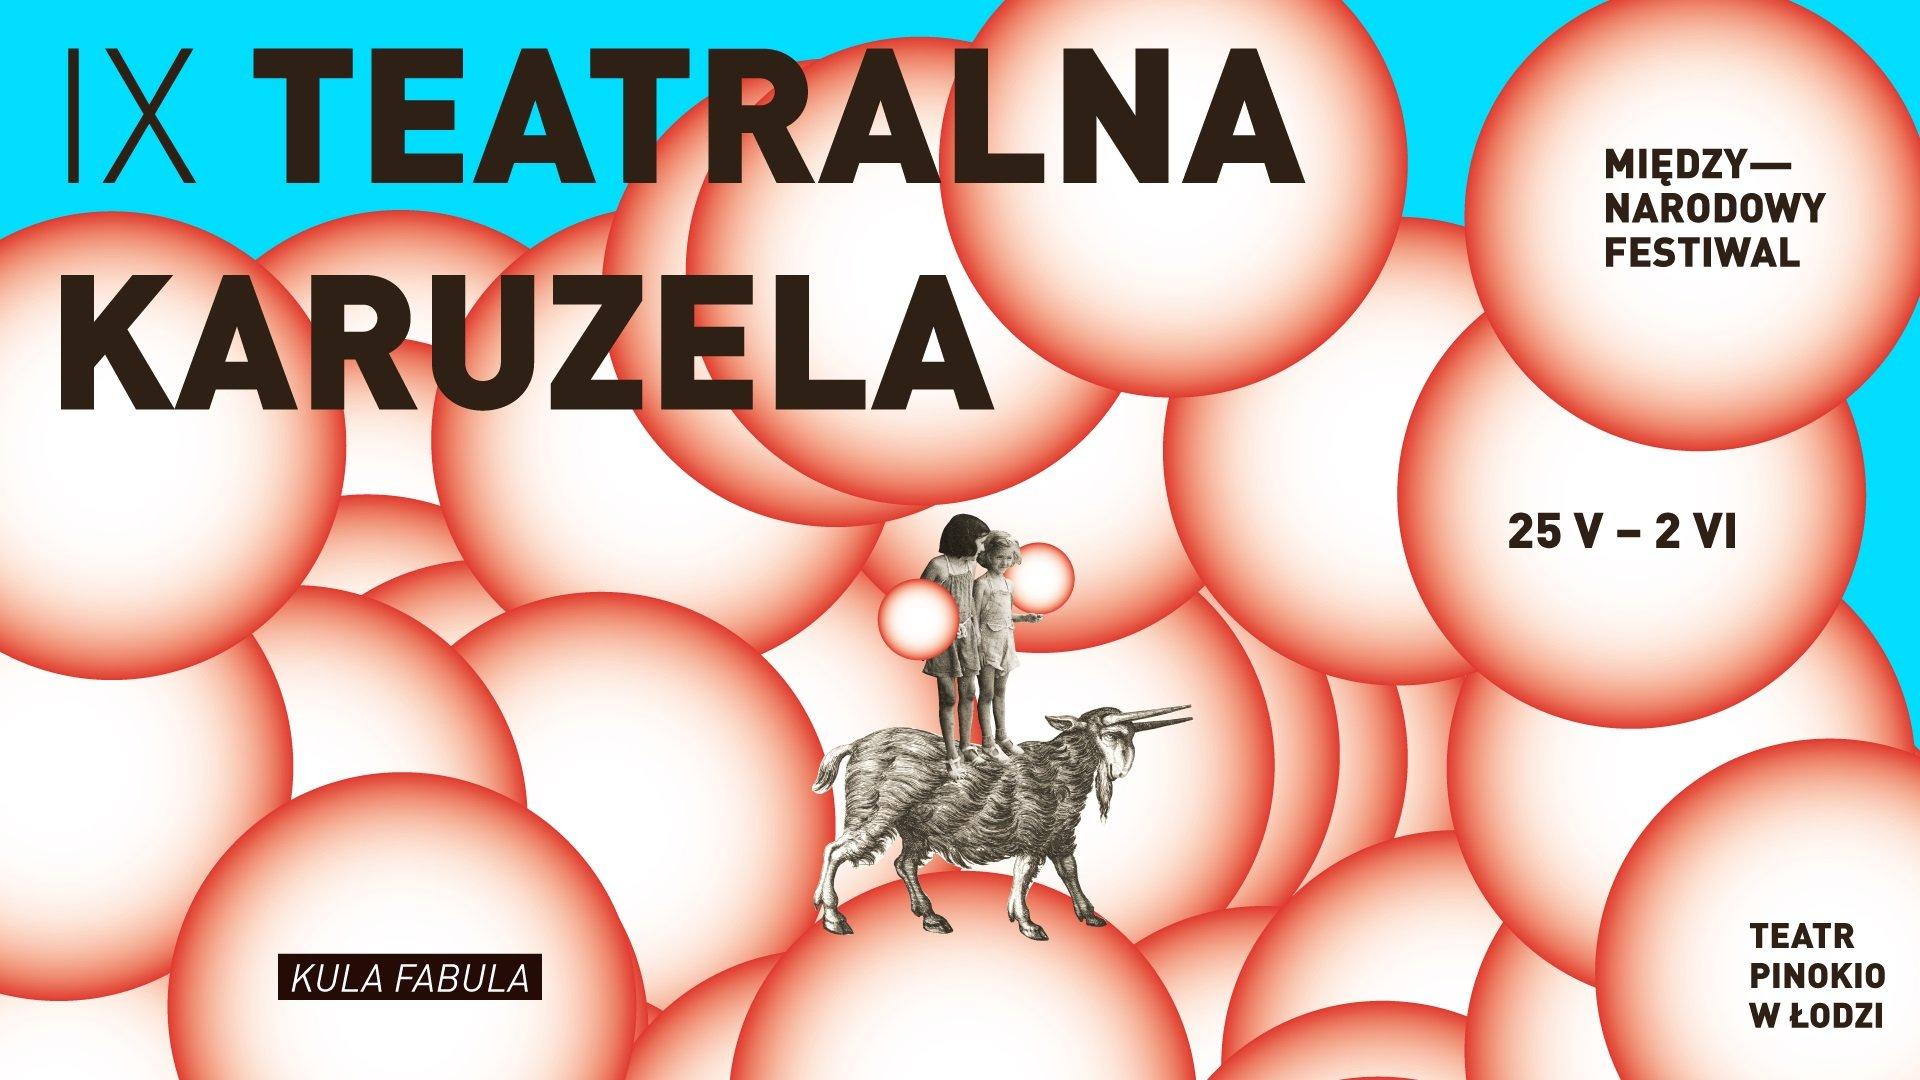 IX Międzynarodowy Festiwal Teatralna Karuzela